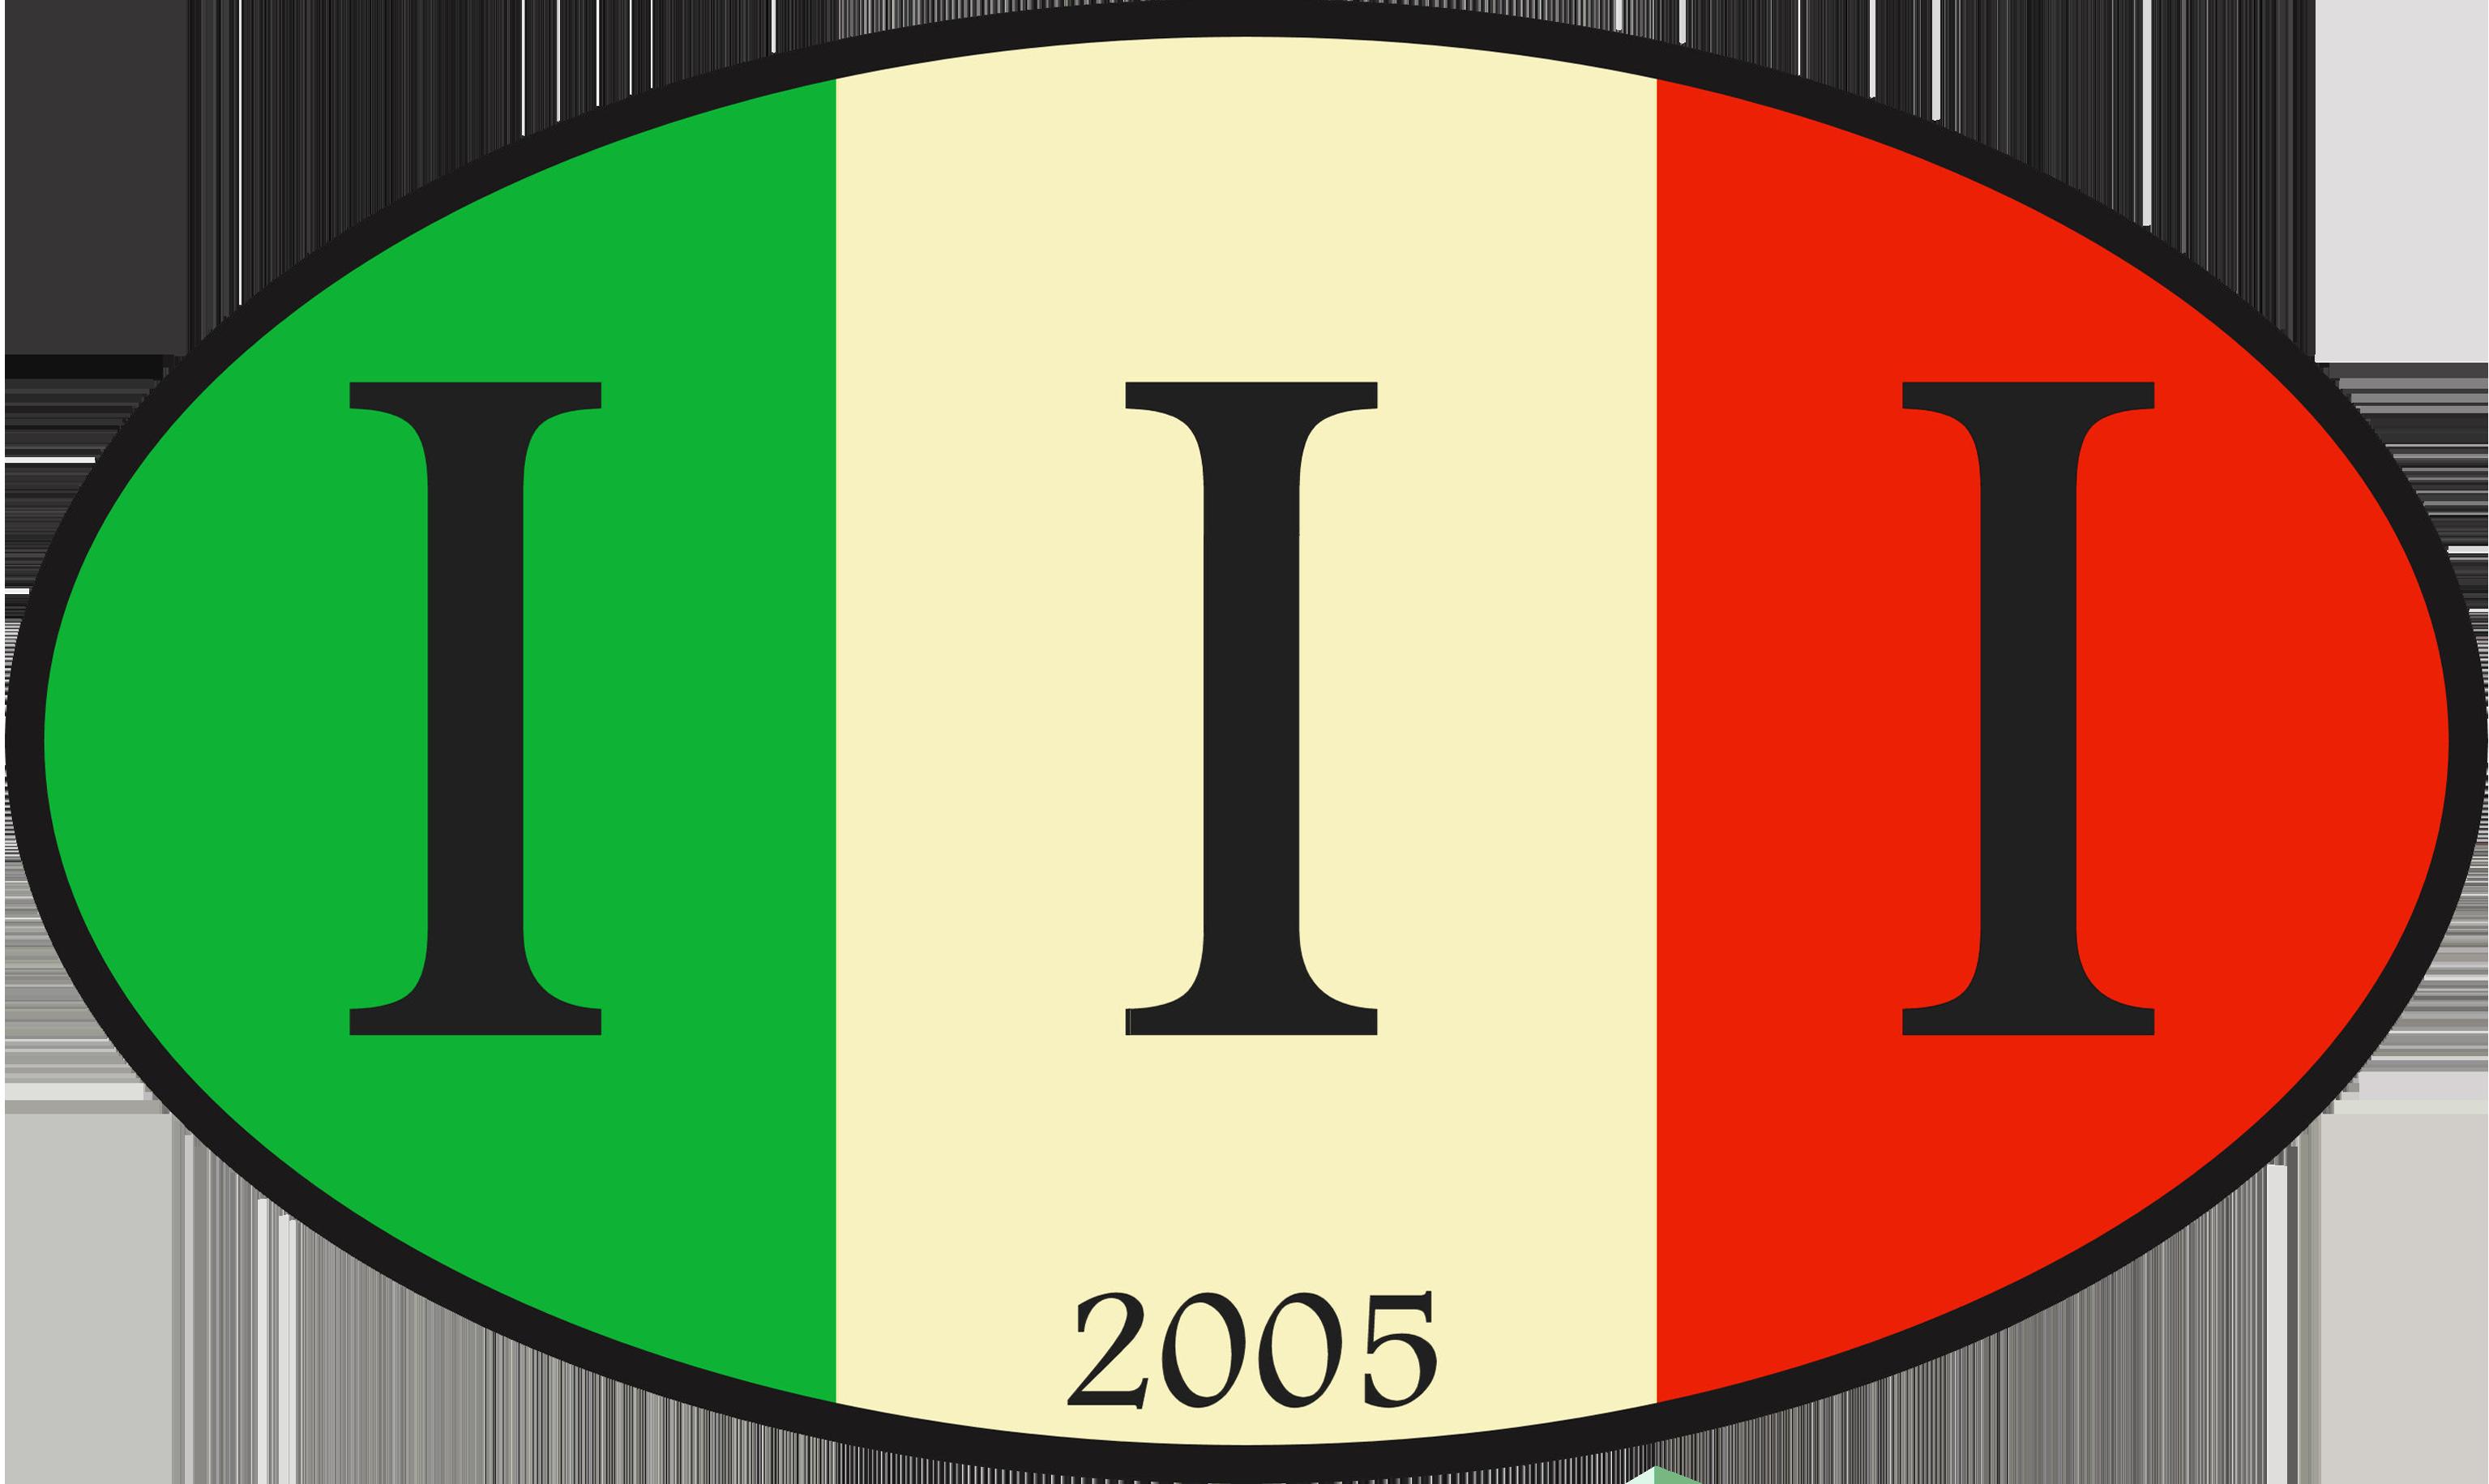 2005 logoIII